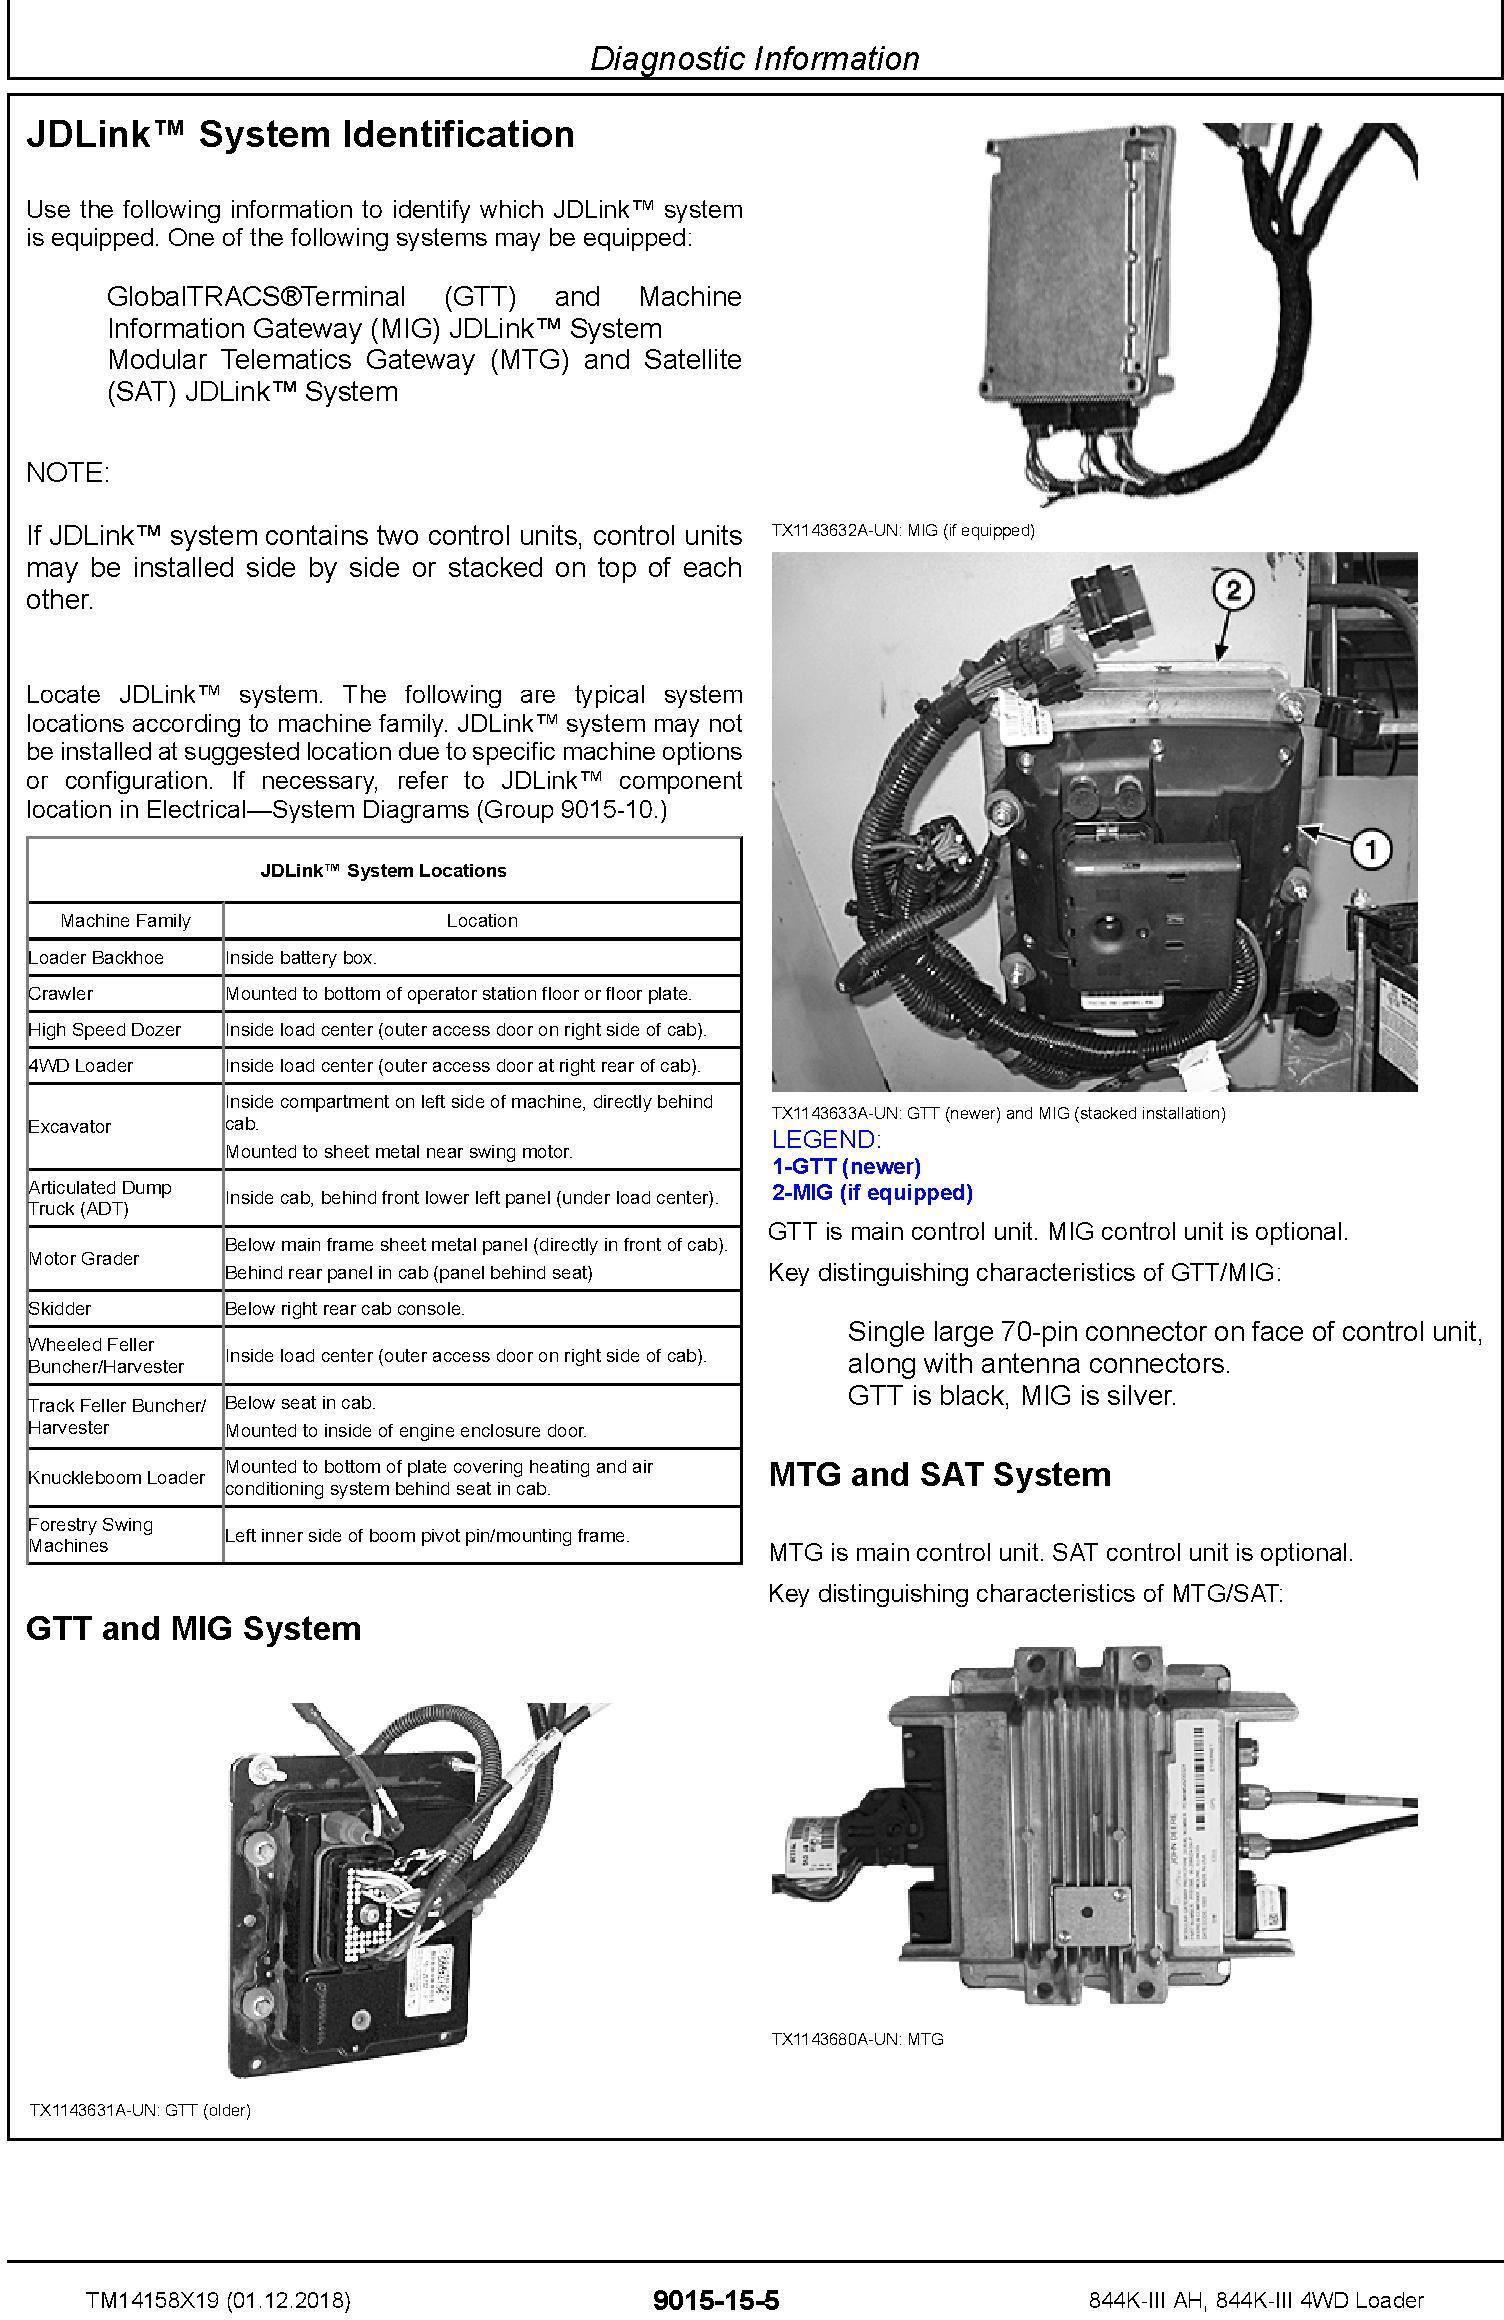 John Deere 844K-III AH, 844K-III (SN. F677782-) 4WD Loader